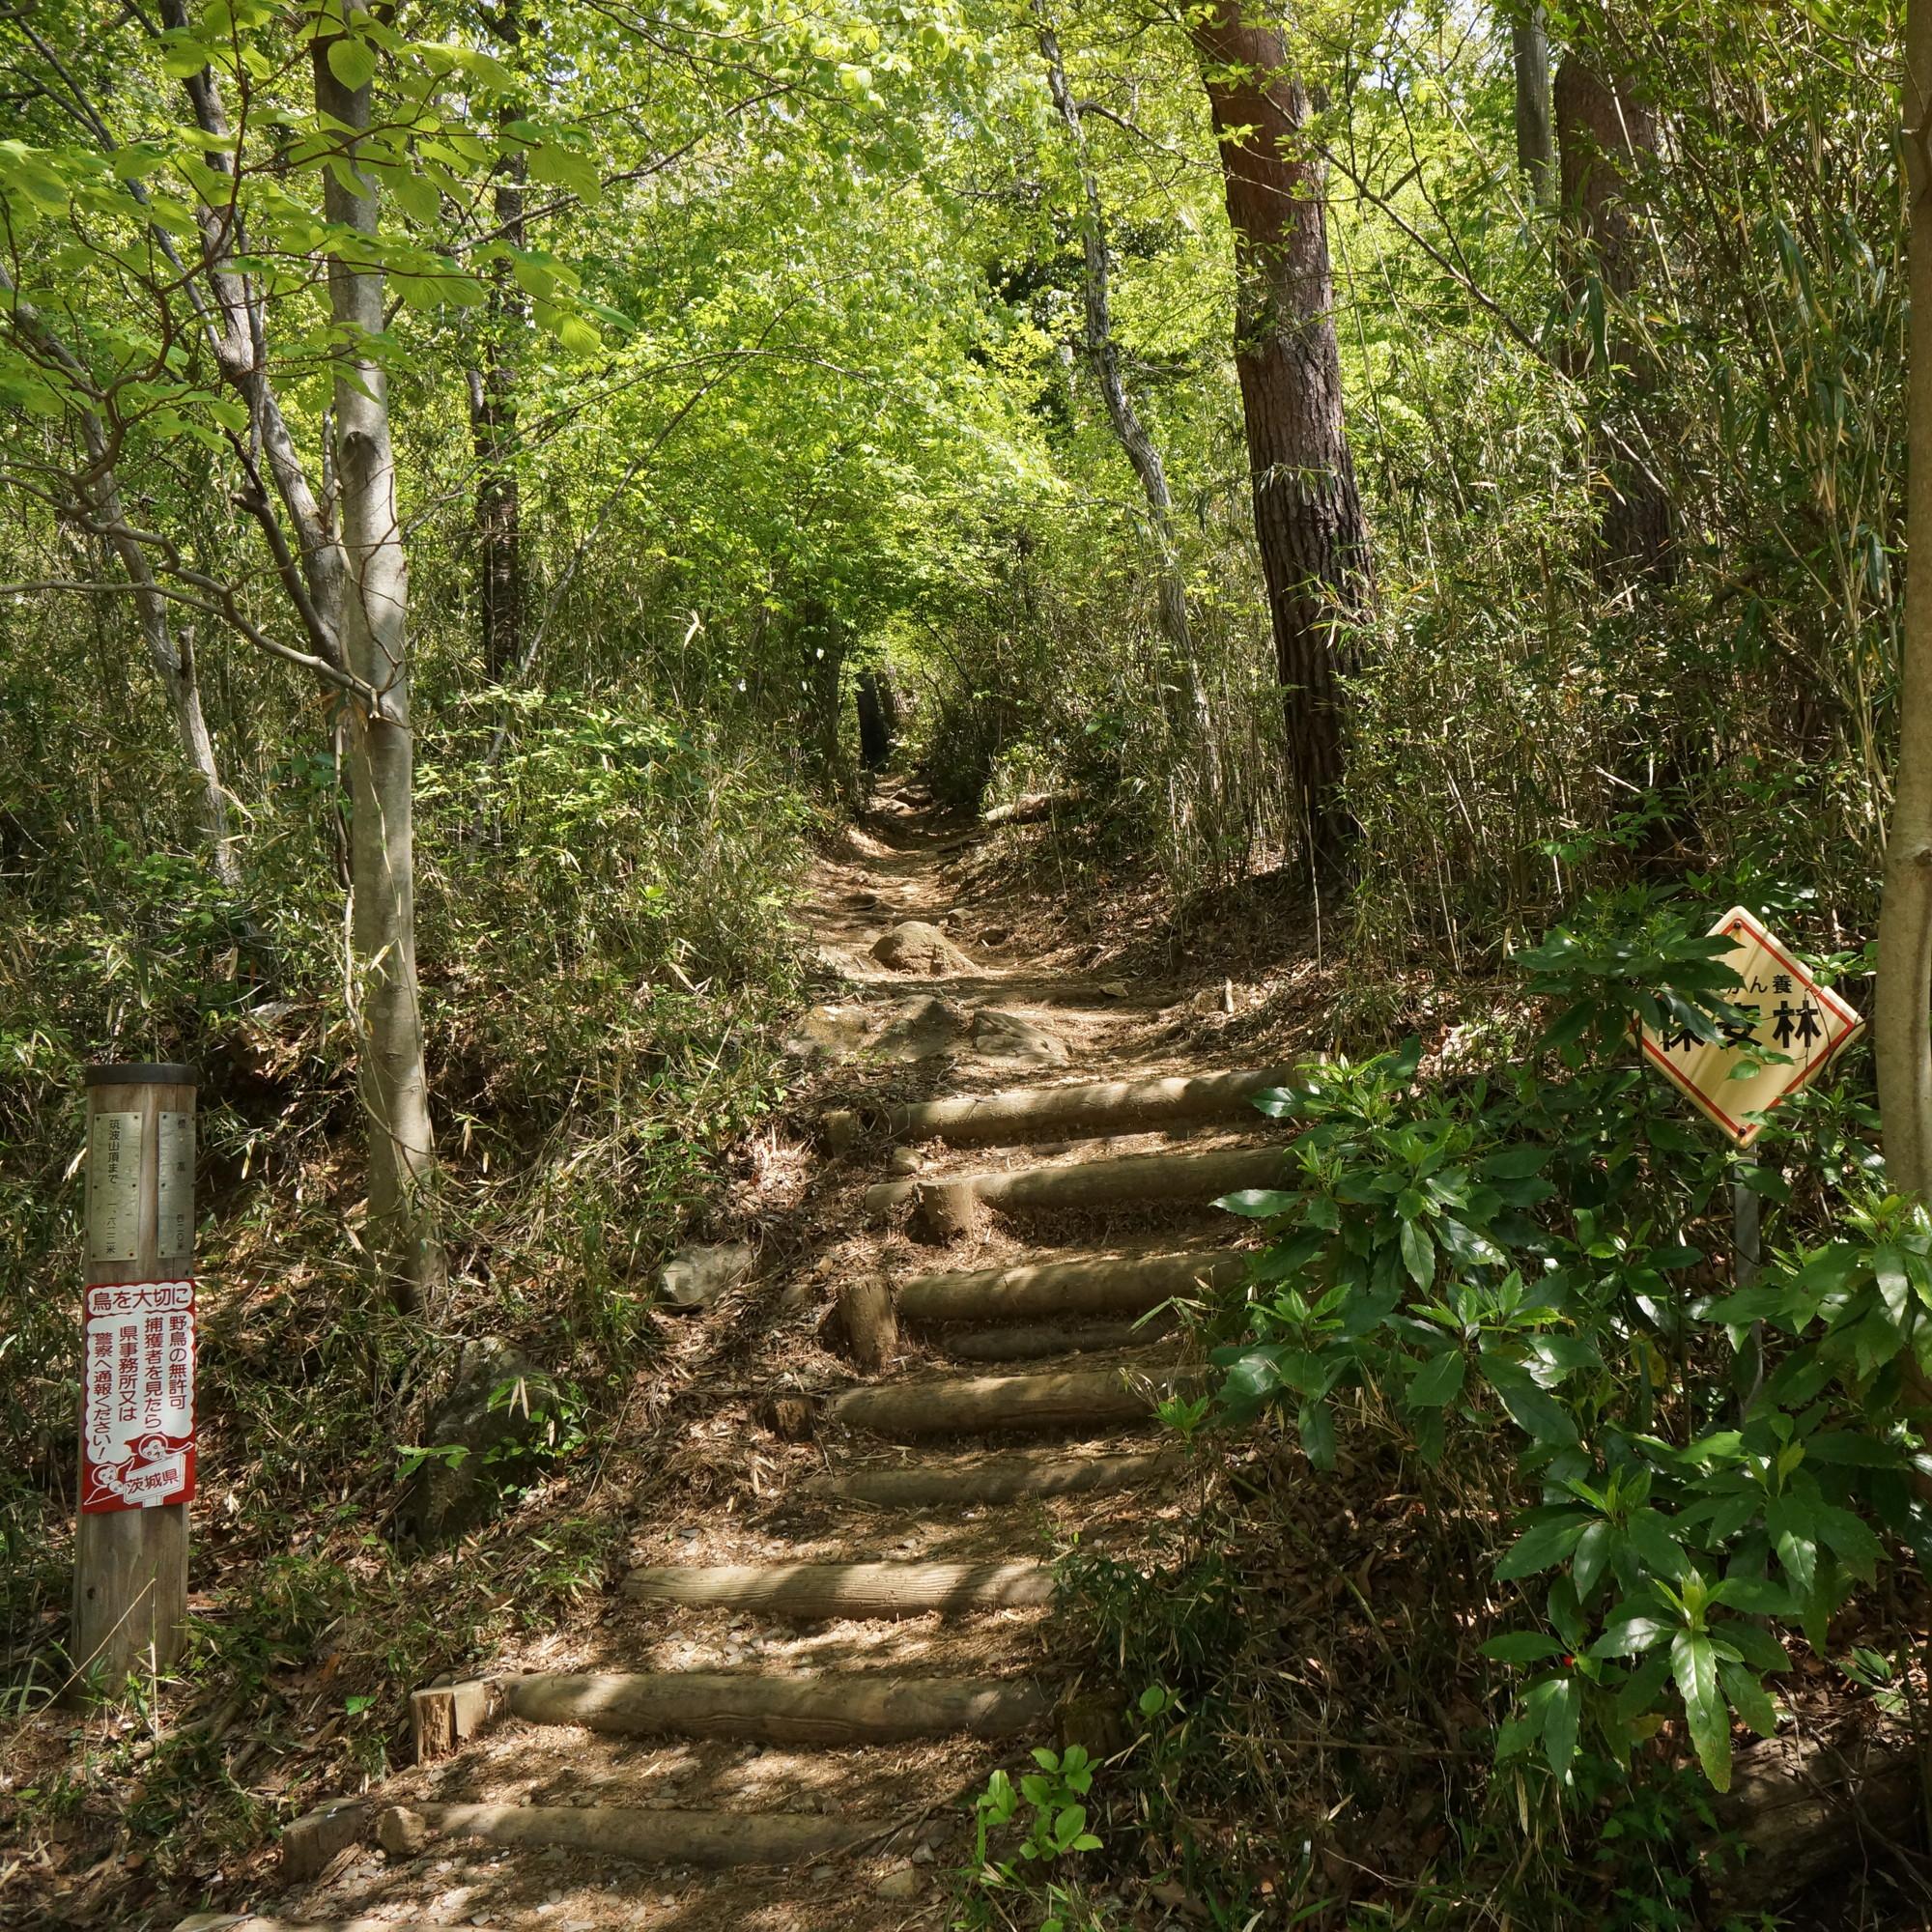 新緑のトンネルの先は780段の強烈な階段がある登山道。周回コースはこの登山道に入りません。